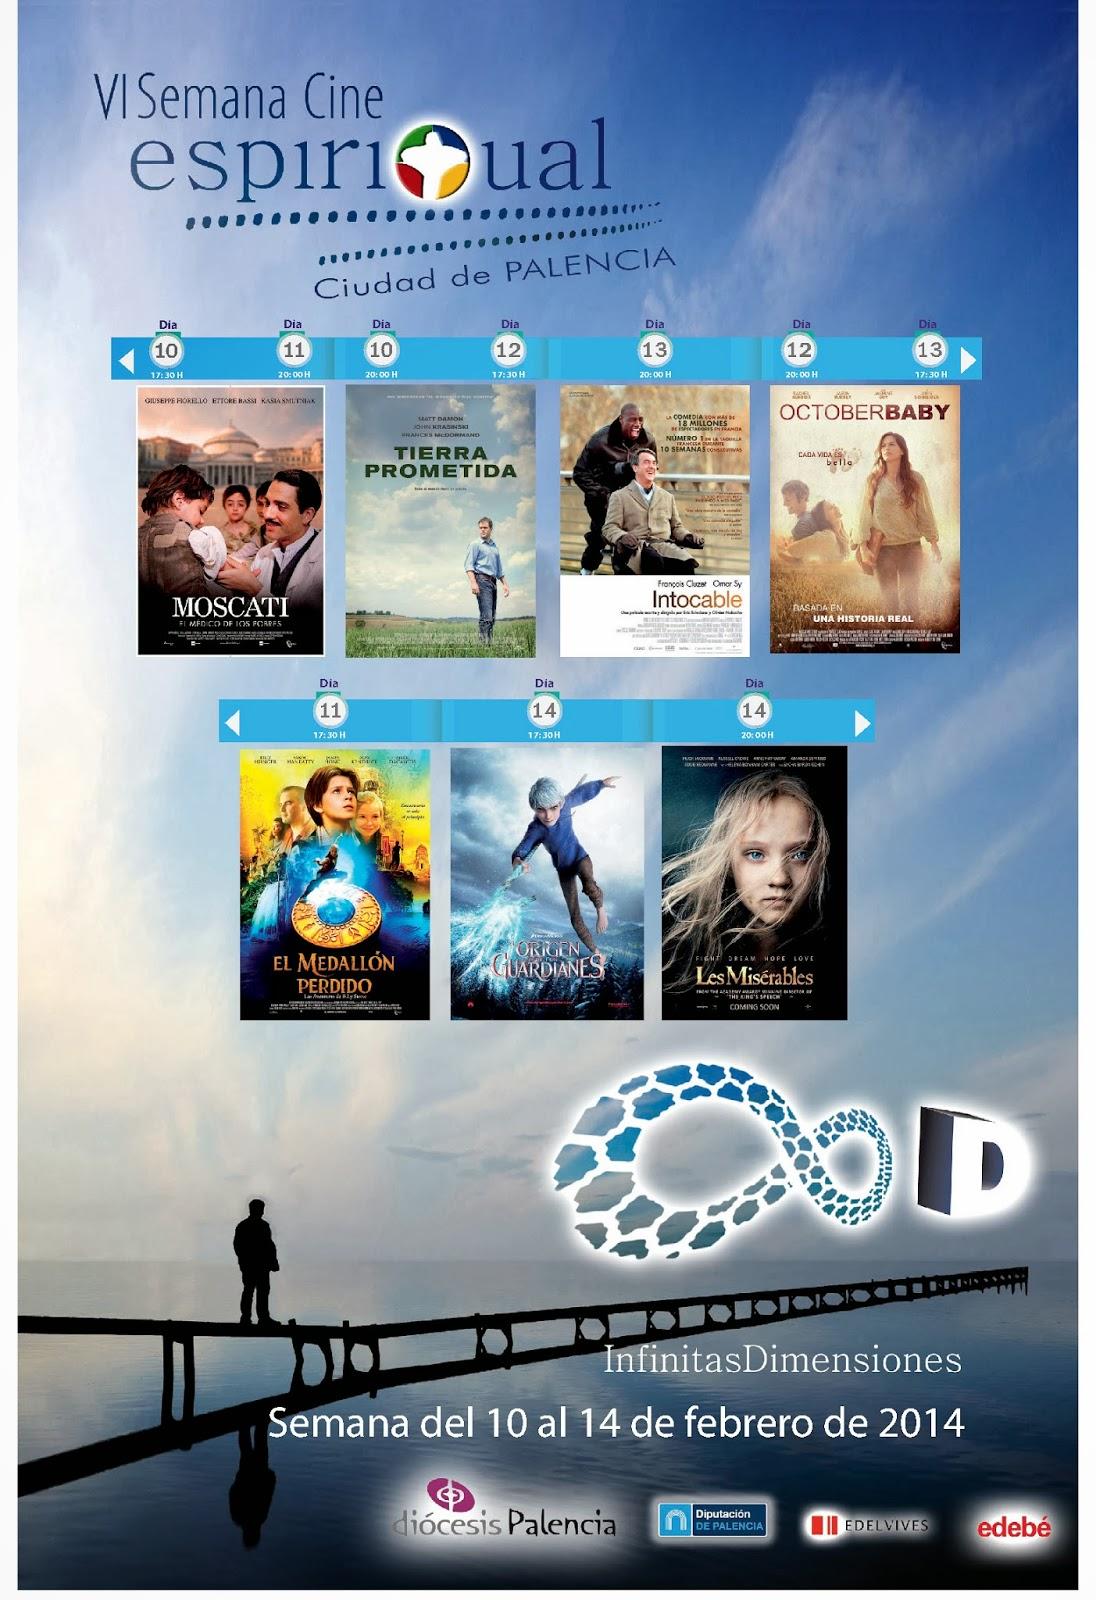 VI Semana de Cine Espiritual Ciudad de Palencia